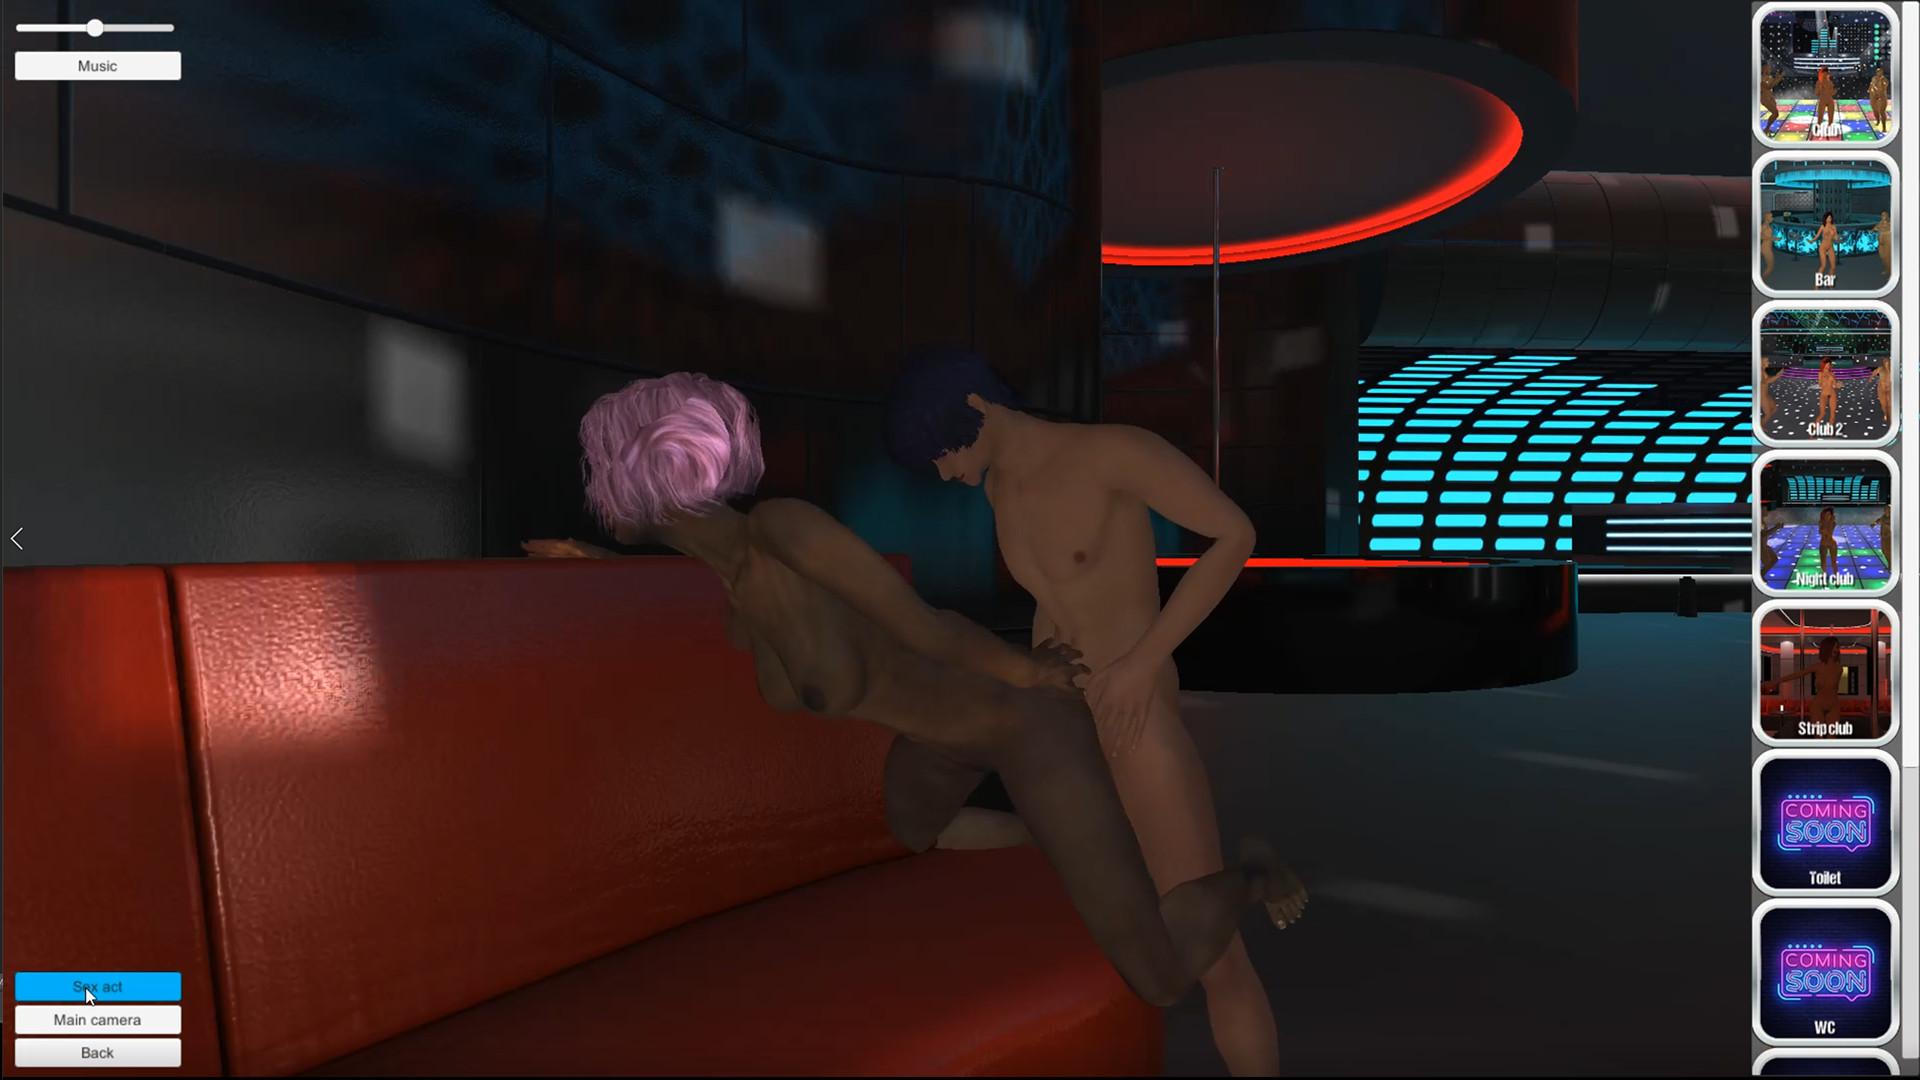 Ελεύθερα Ιαπωνικά σεξ βίντεο λήψη